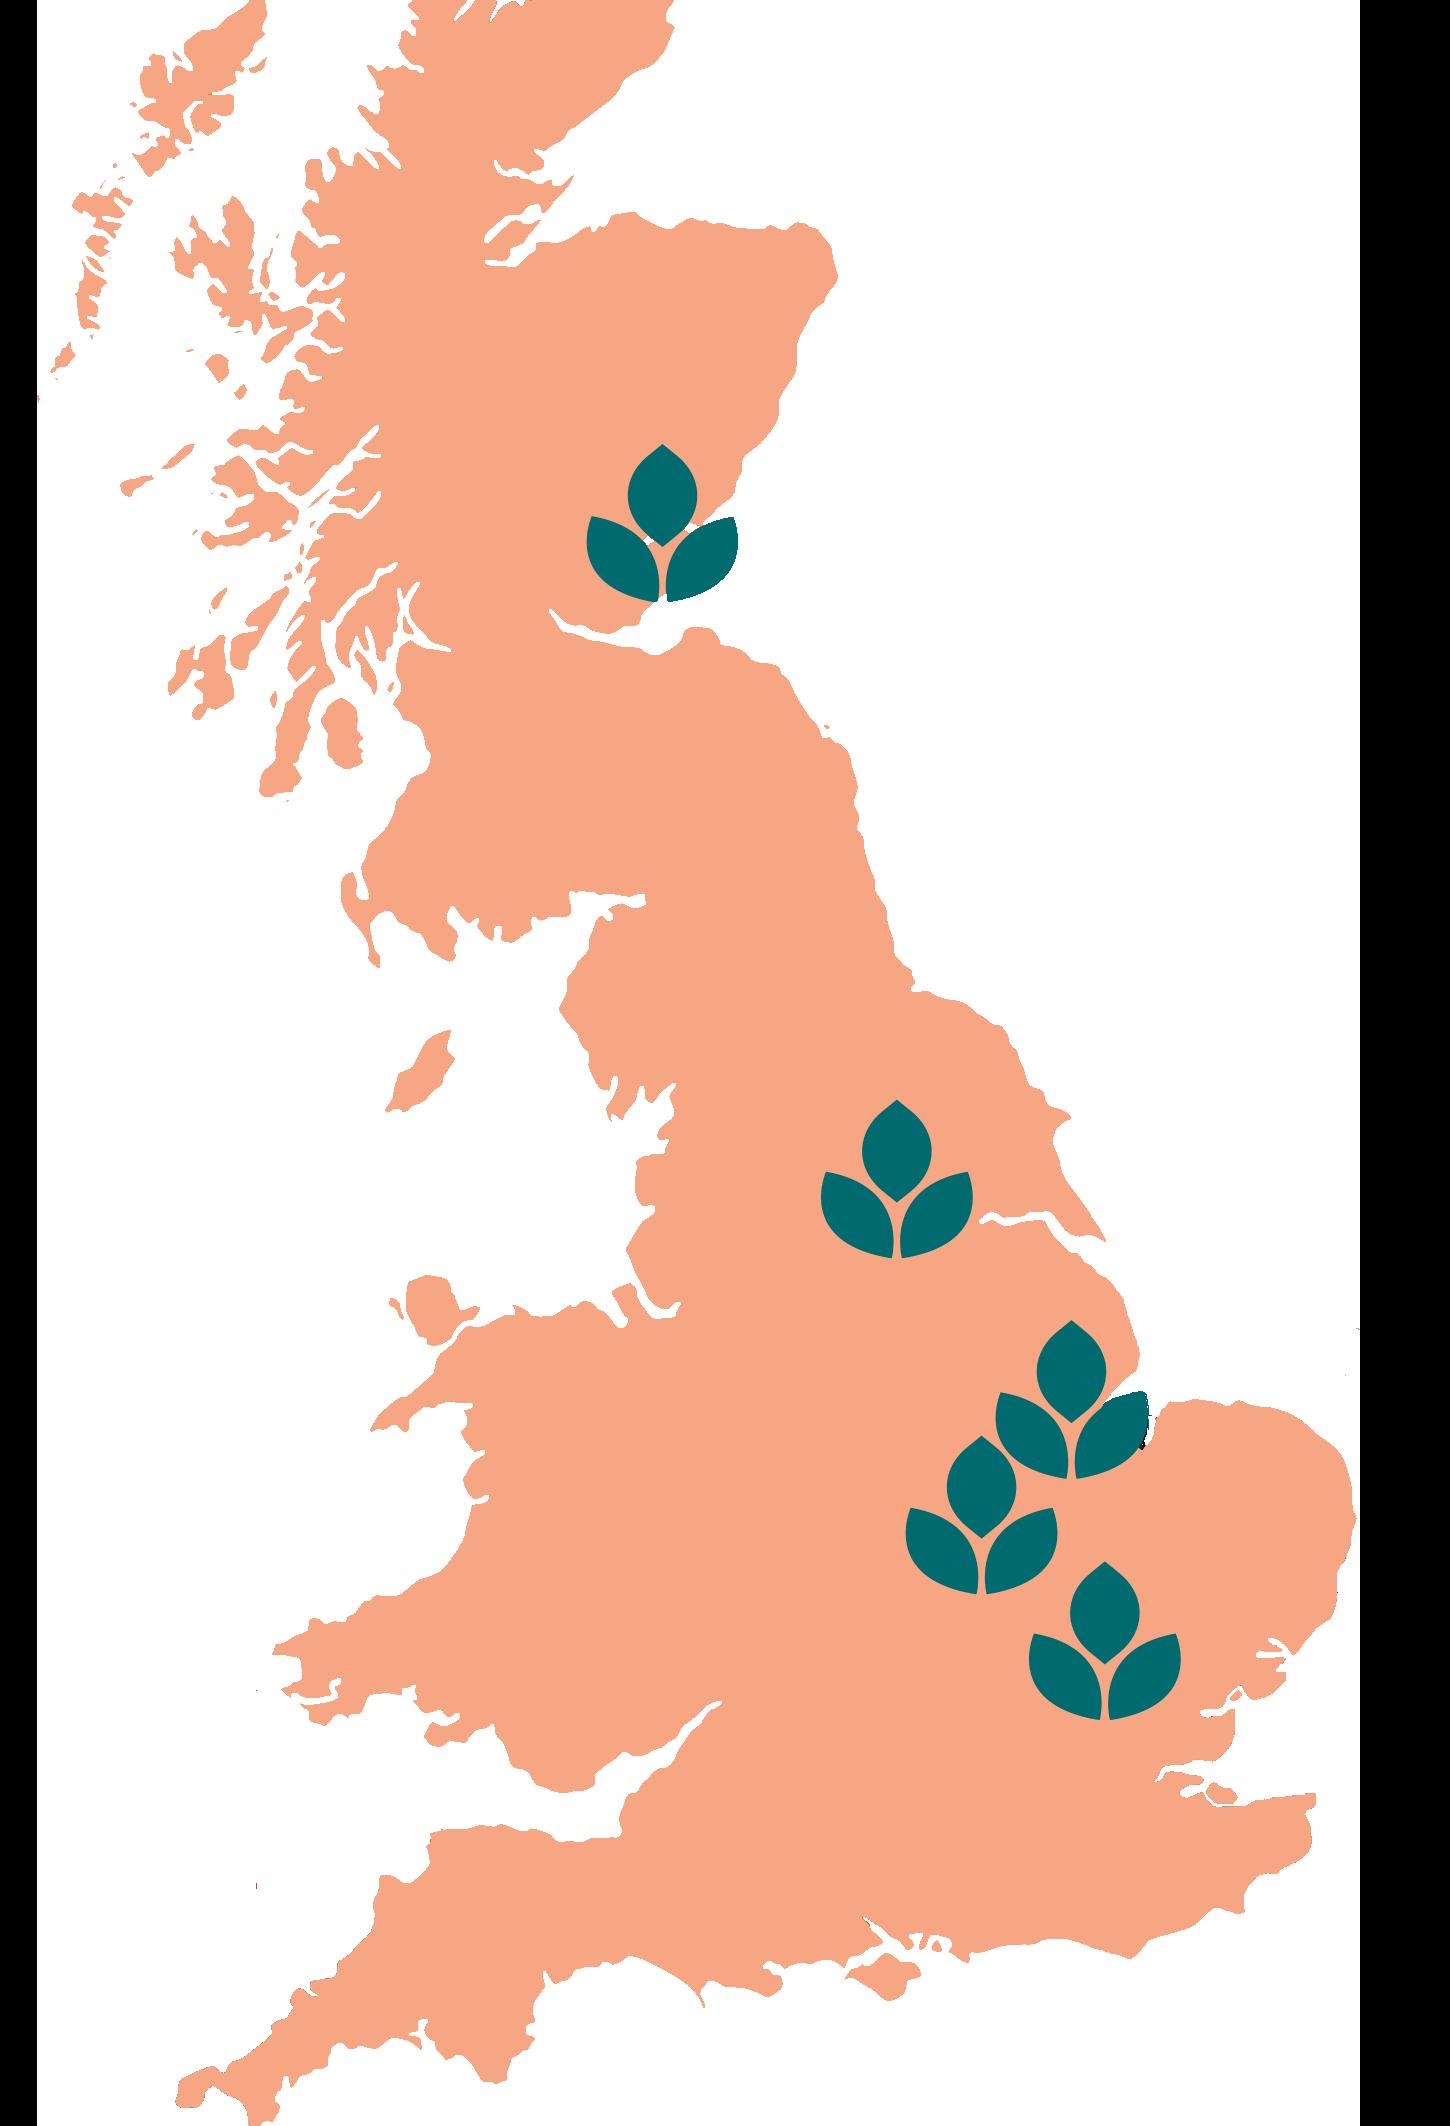 Warburtons Map